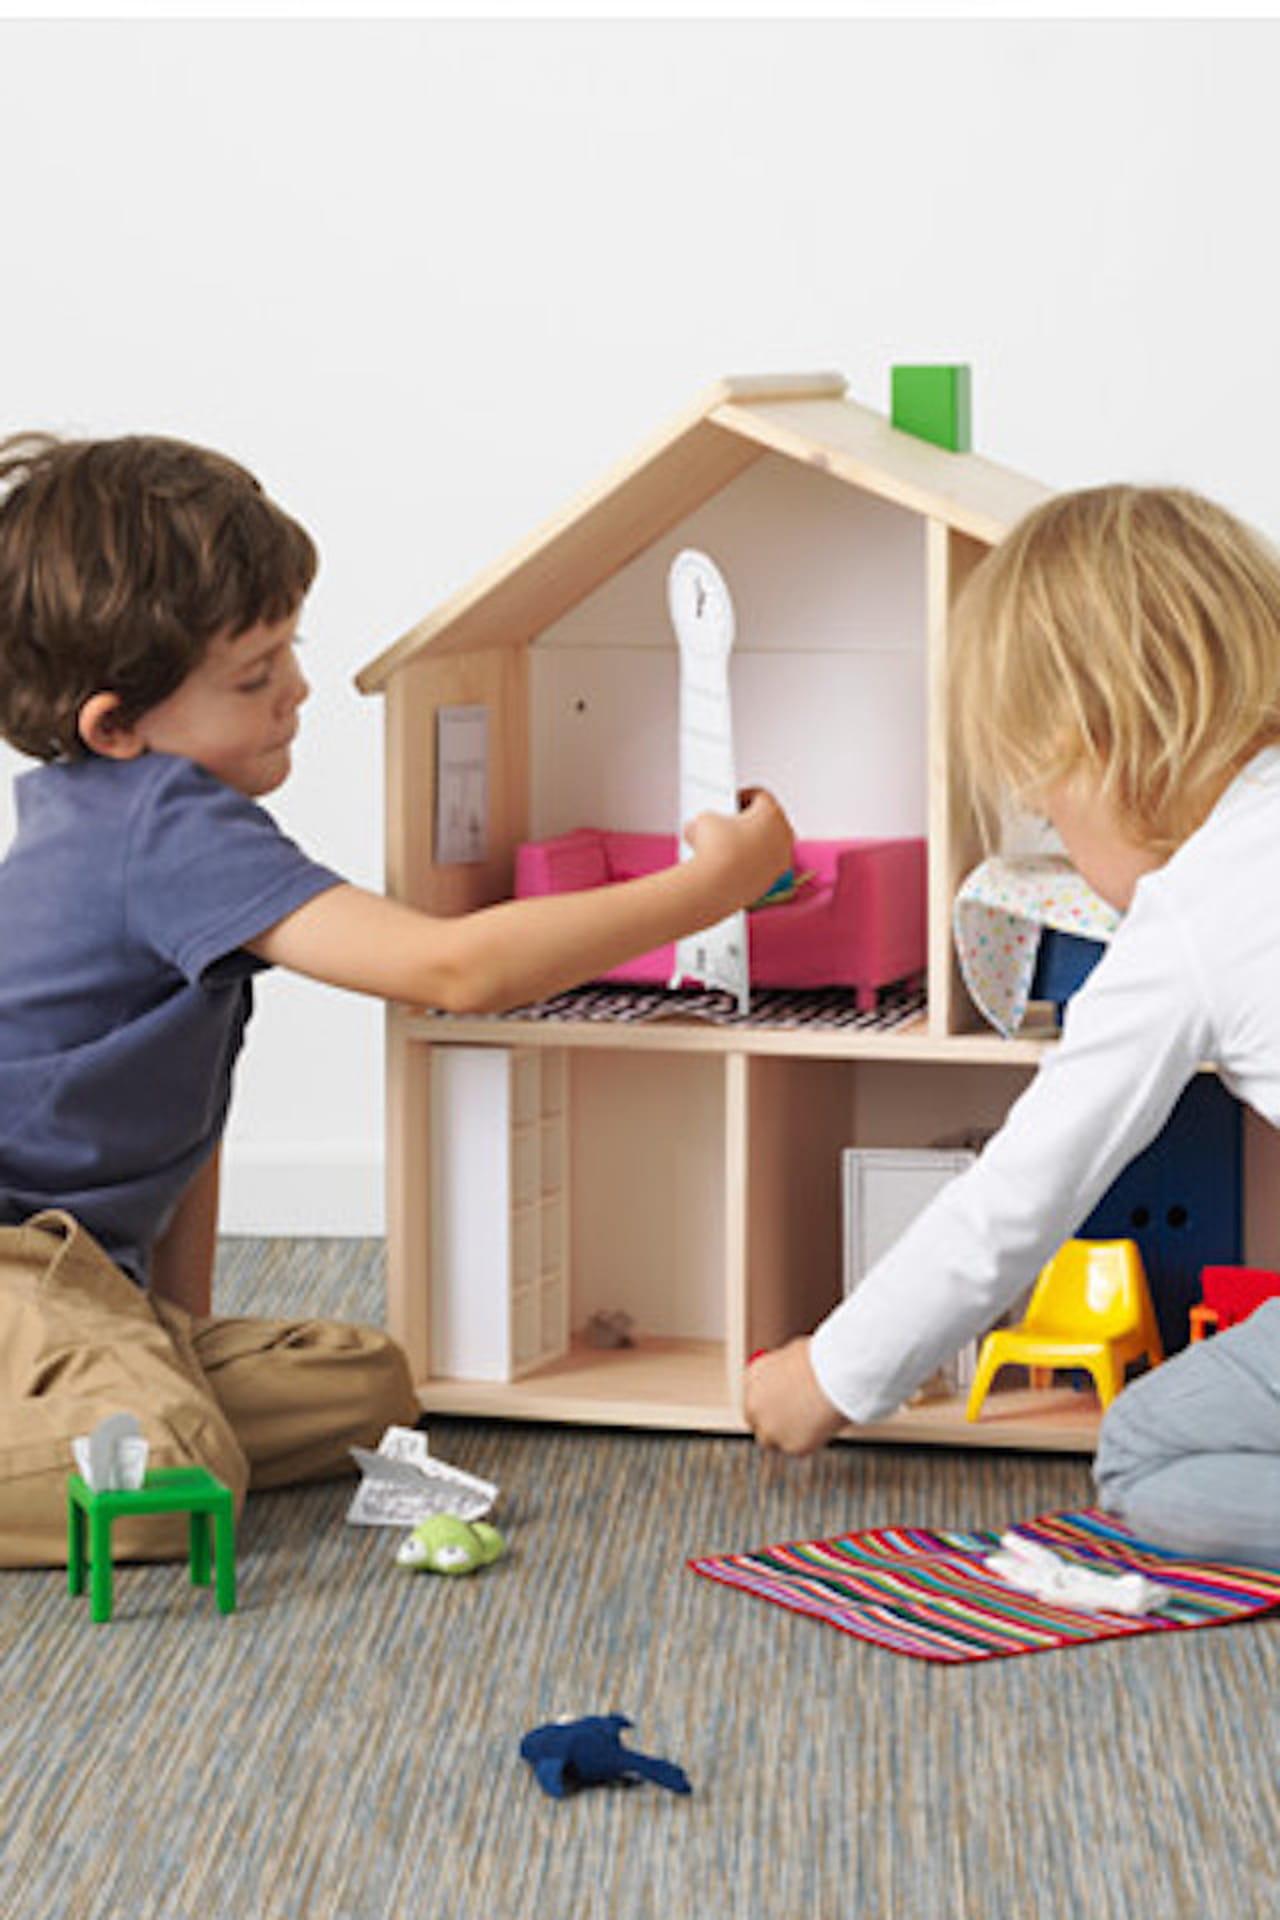 casa delle bambole 5 idee a meno di 50 euro